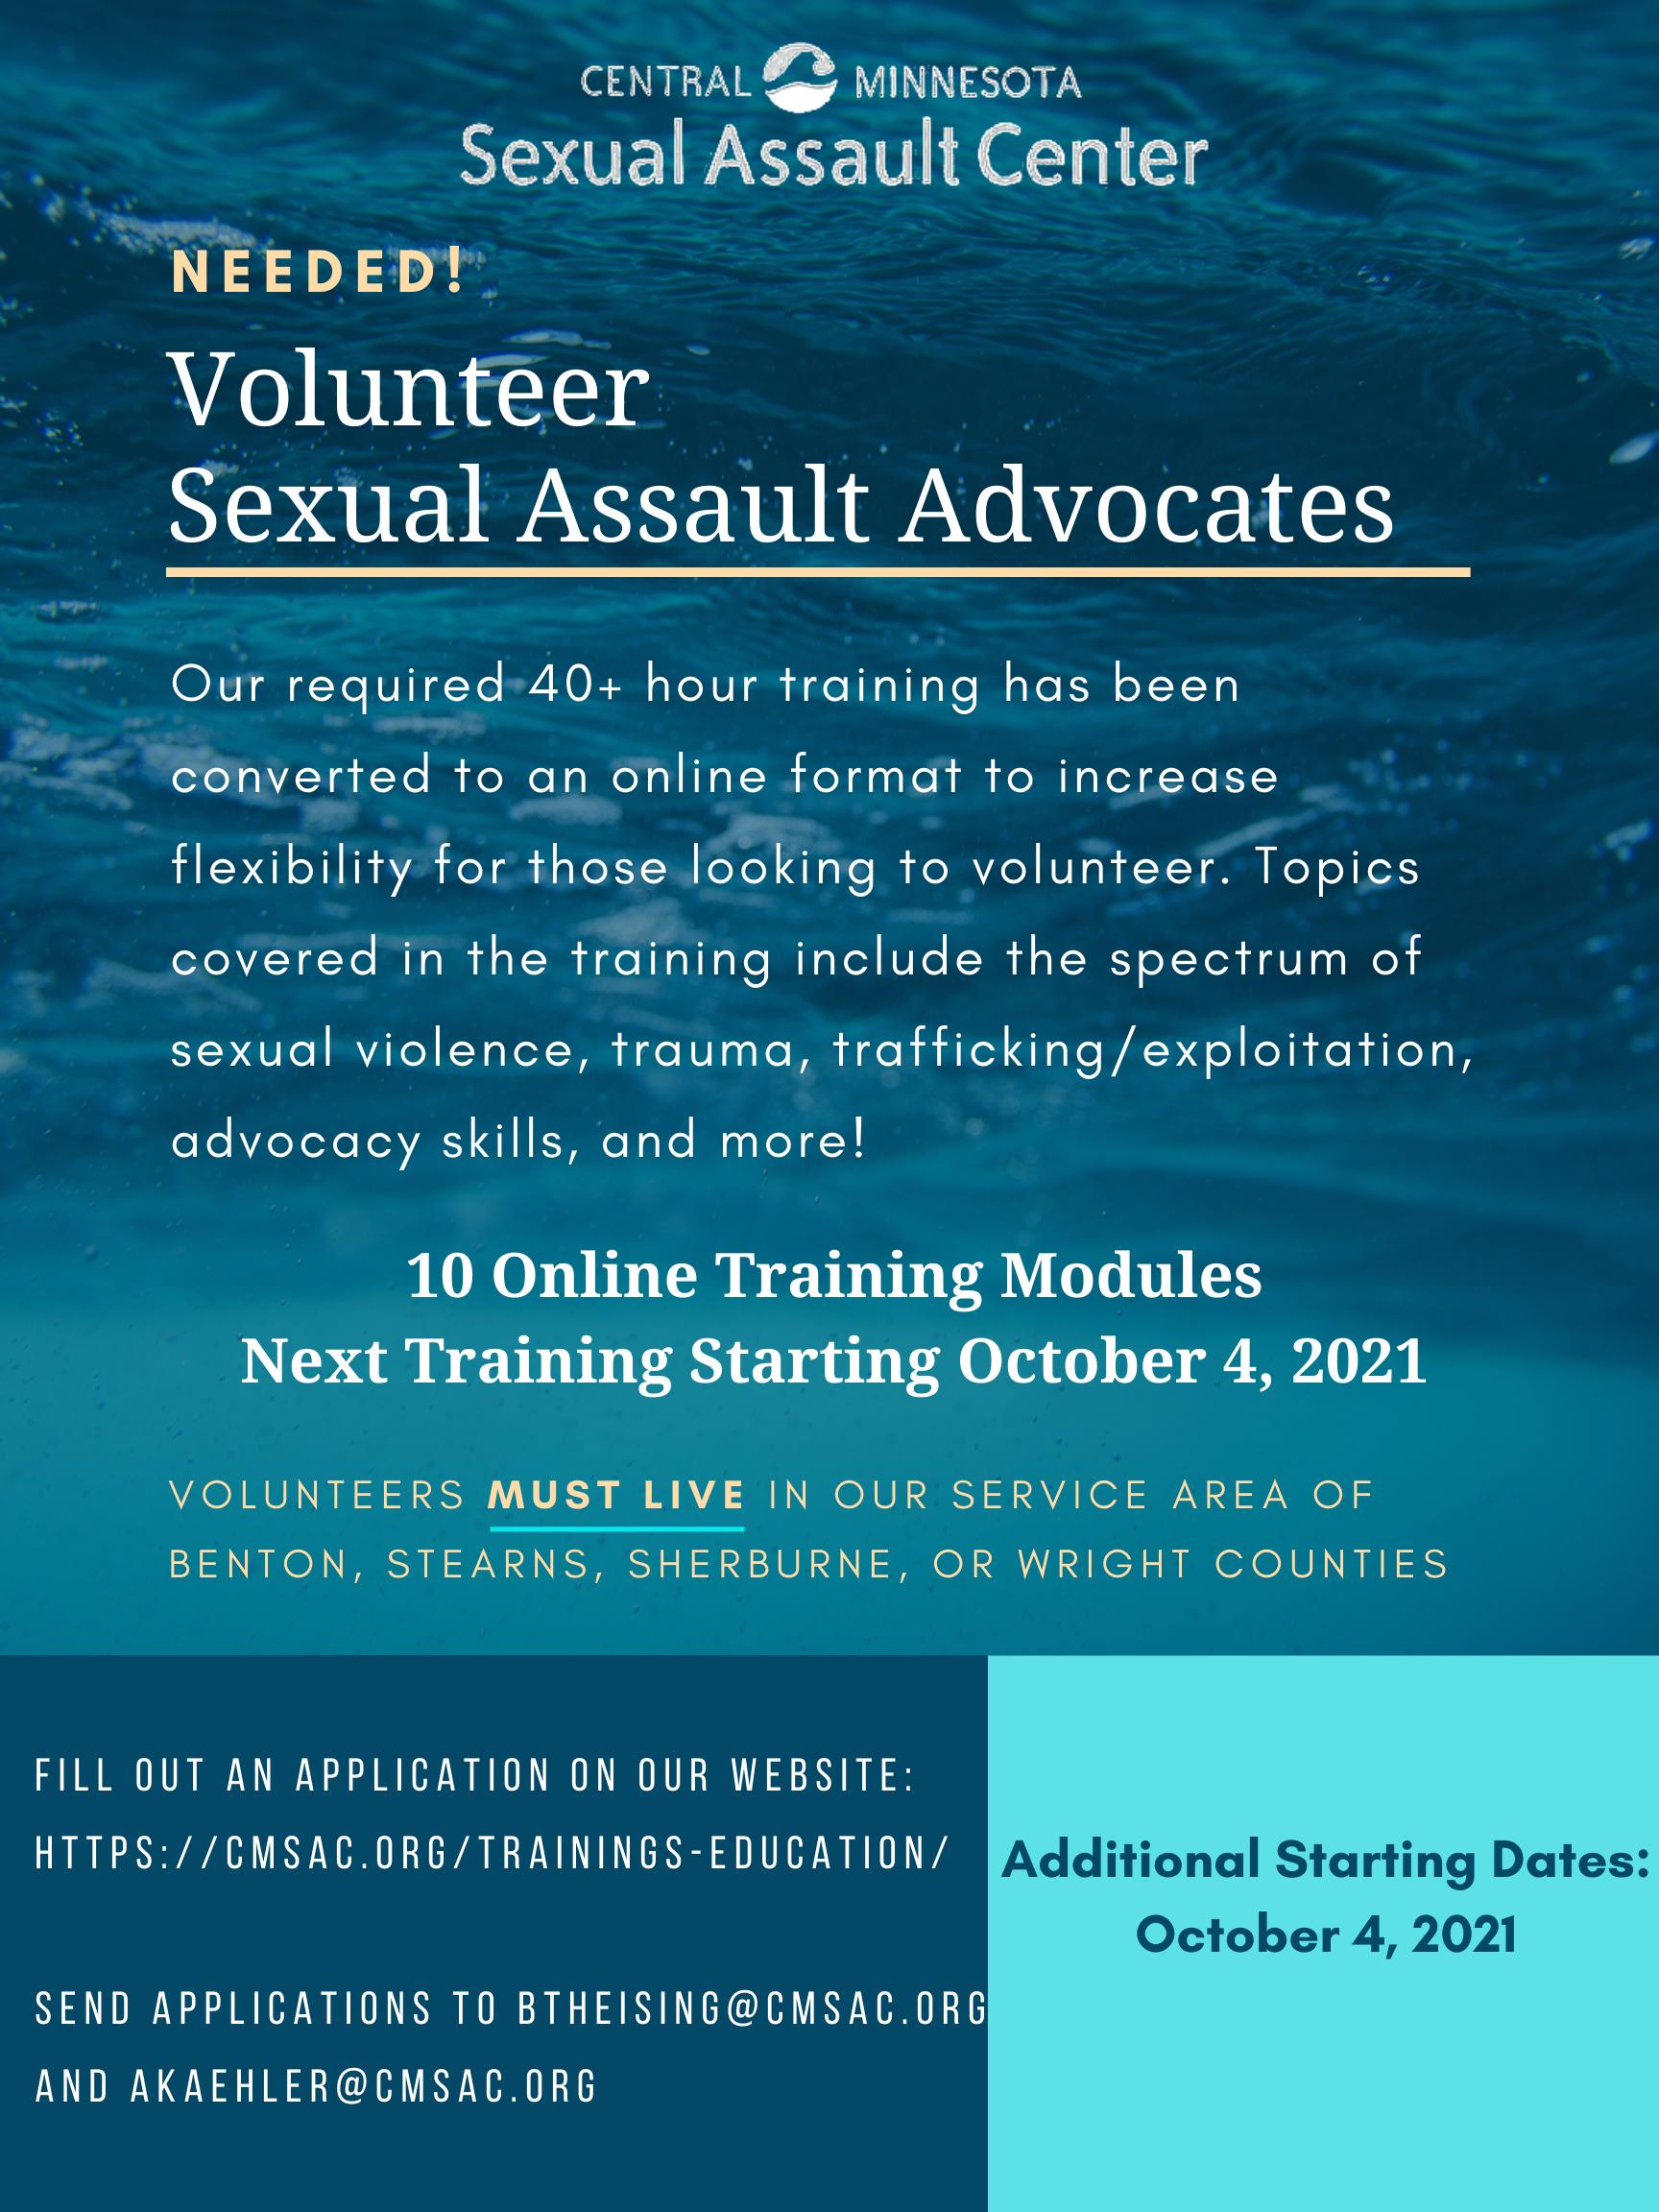 Needed Volunteer Sexual Assault Advocates 2021